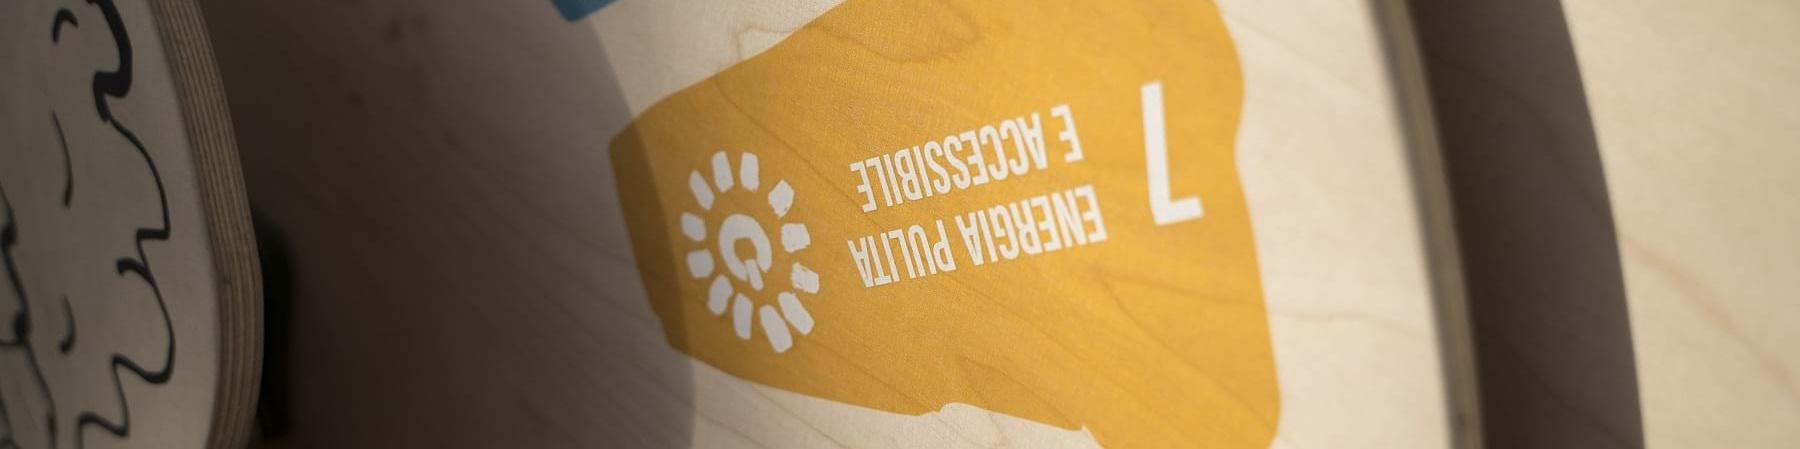 """Una ruota di legno appesa a un muro mostra in blocchi colorati gli obiettivi di sviluppo sostenibile. Nella foto viene inquadrato prevalentemente il goal """"energia pulita e accessibile"""" su sfondo giallo"""